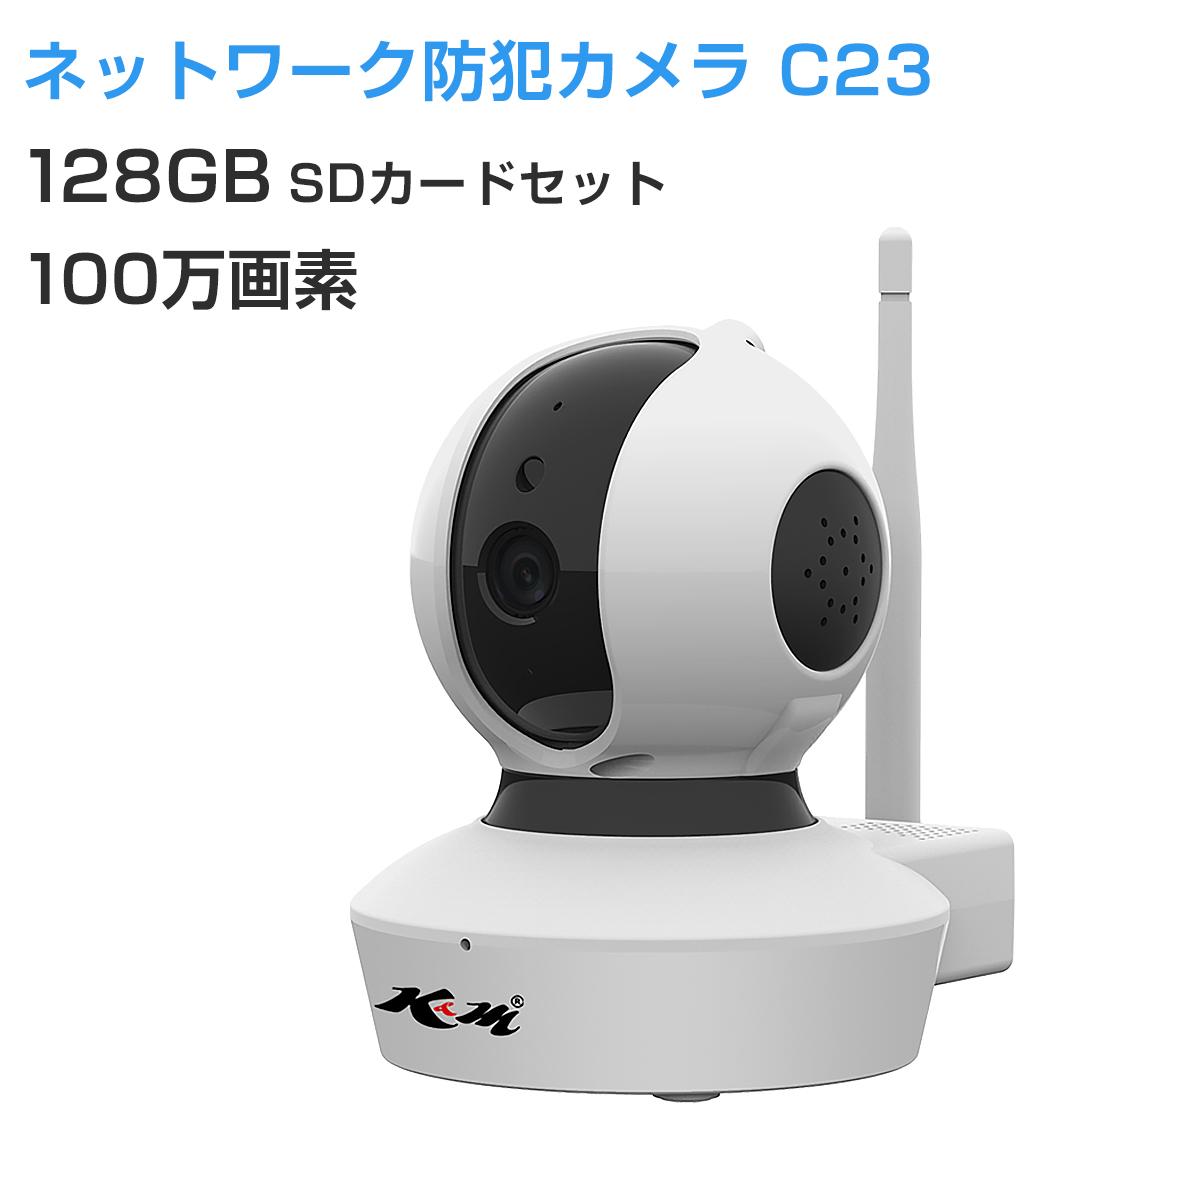 ベビーモニター 100万画素 C7823 SDカード128GB同梱モデル 防犯カメラ 新モデル ペットモニター VStarcam ワイヤレス 無線WIFI MicroSDカード録画 屋内用 監視 ネットワーク IP カメラ 宅配便送料無料 PSE 技適 1年保証 K&M